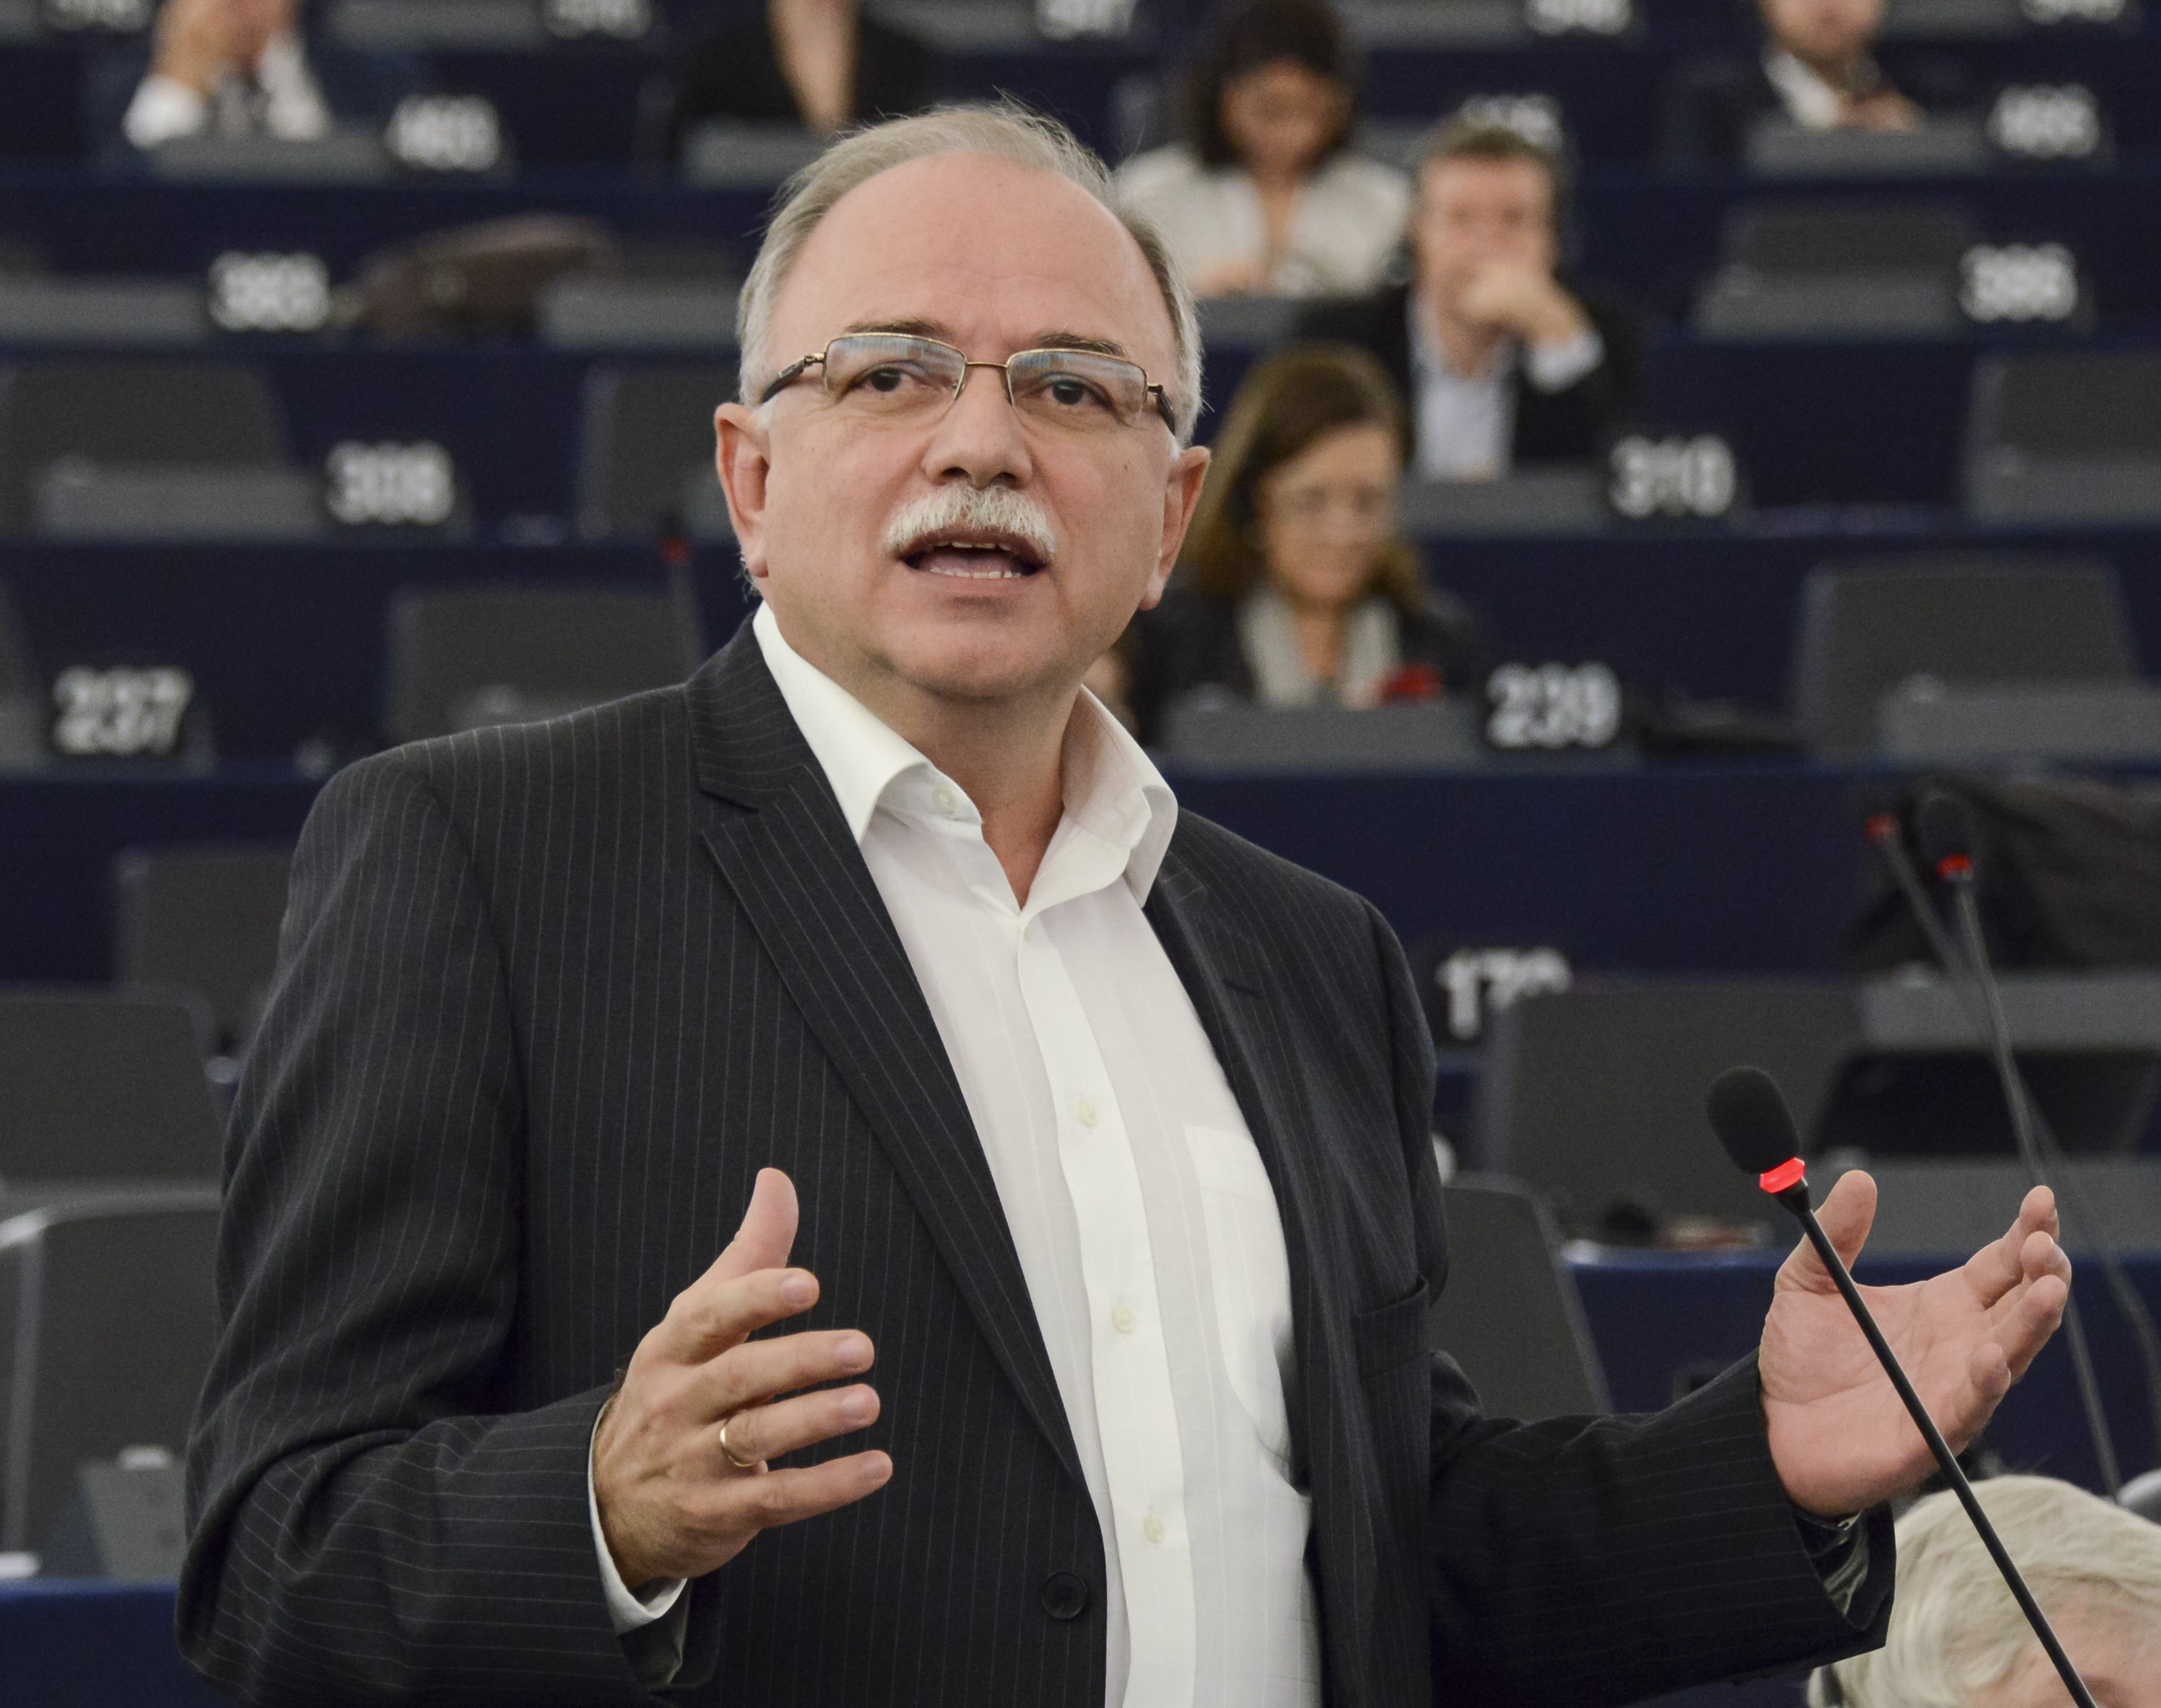 Επενδύσεις άνω των 2 δισ. ευρώ από την ΕΤΕπ στην Ελλάδα